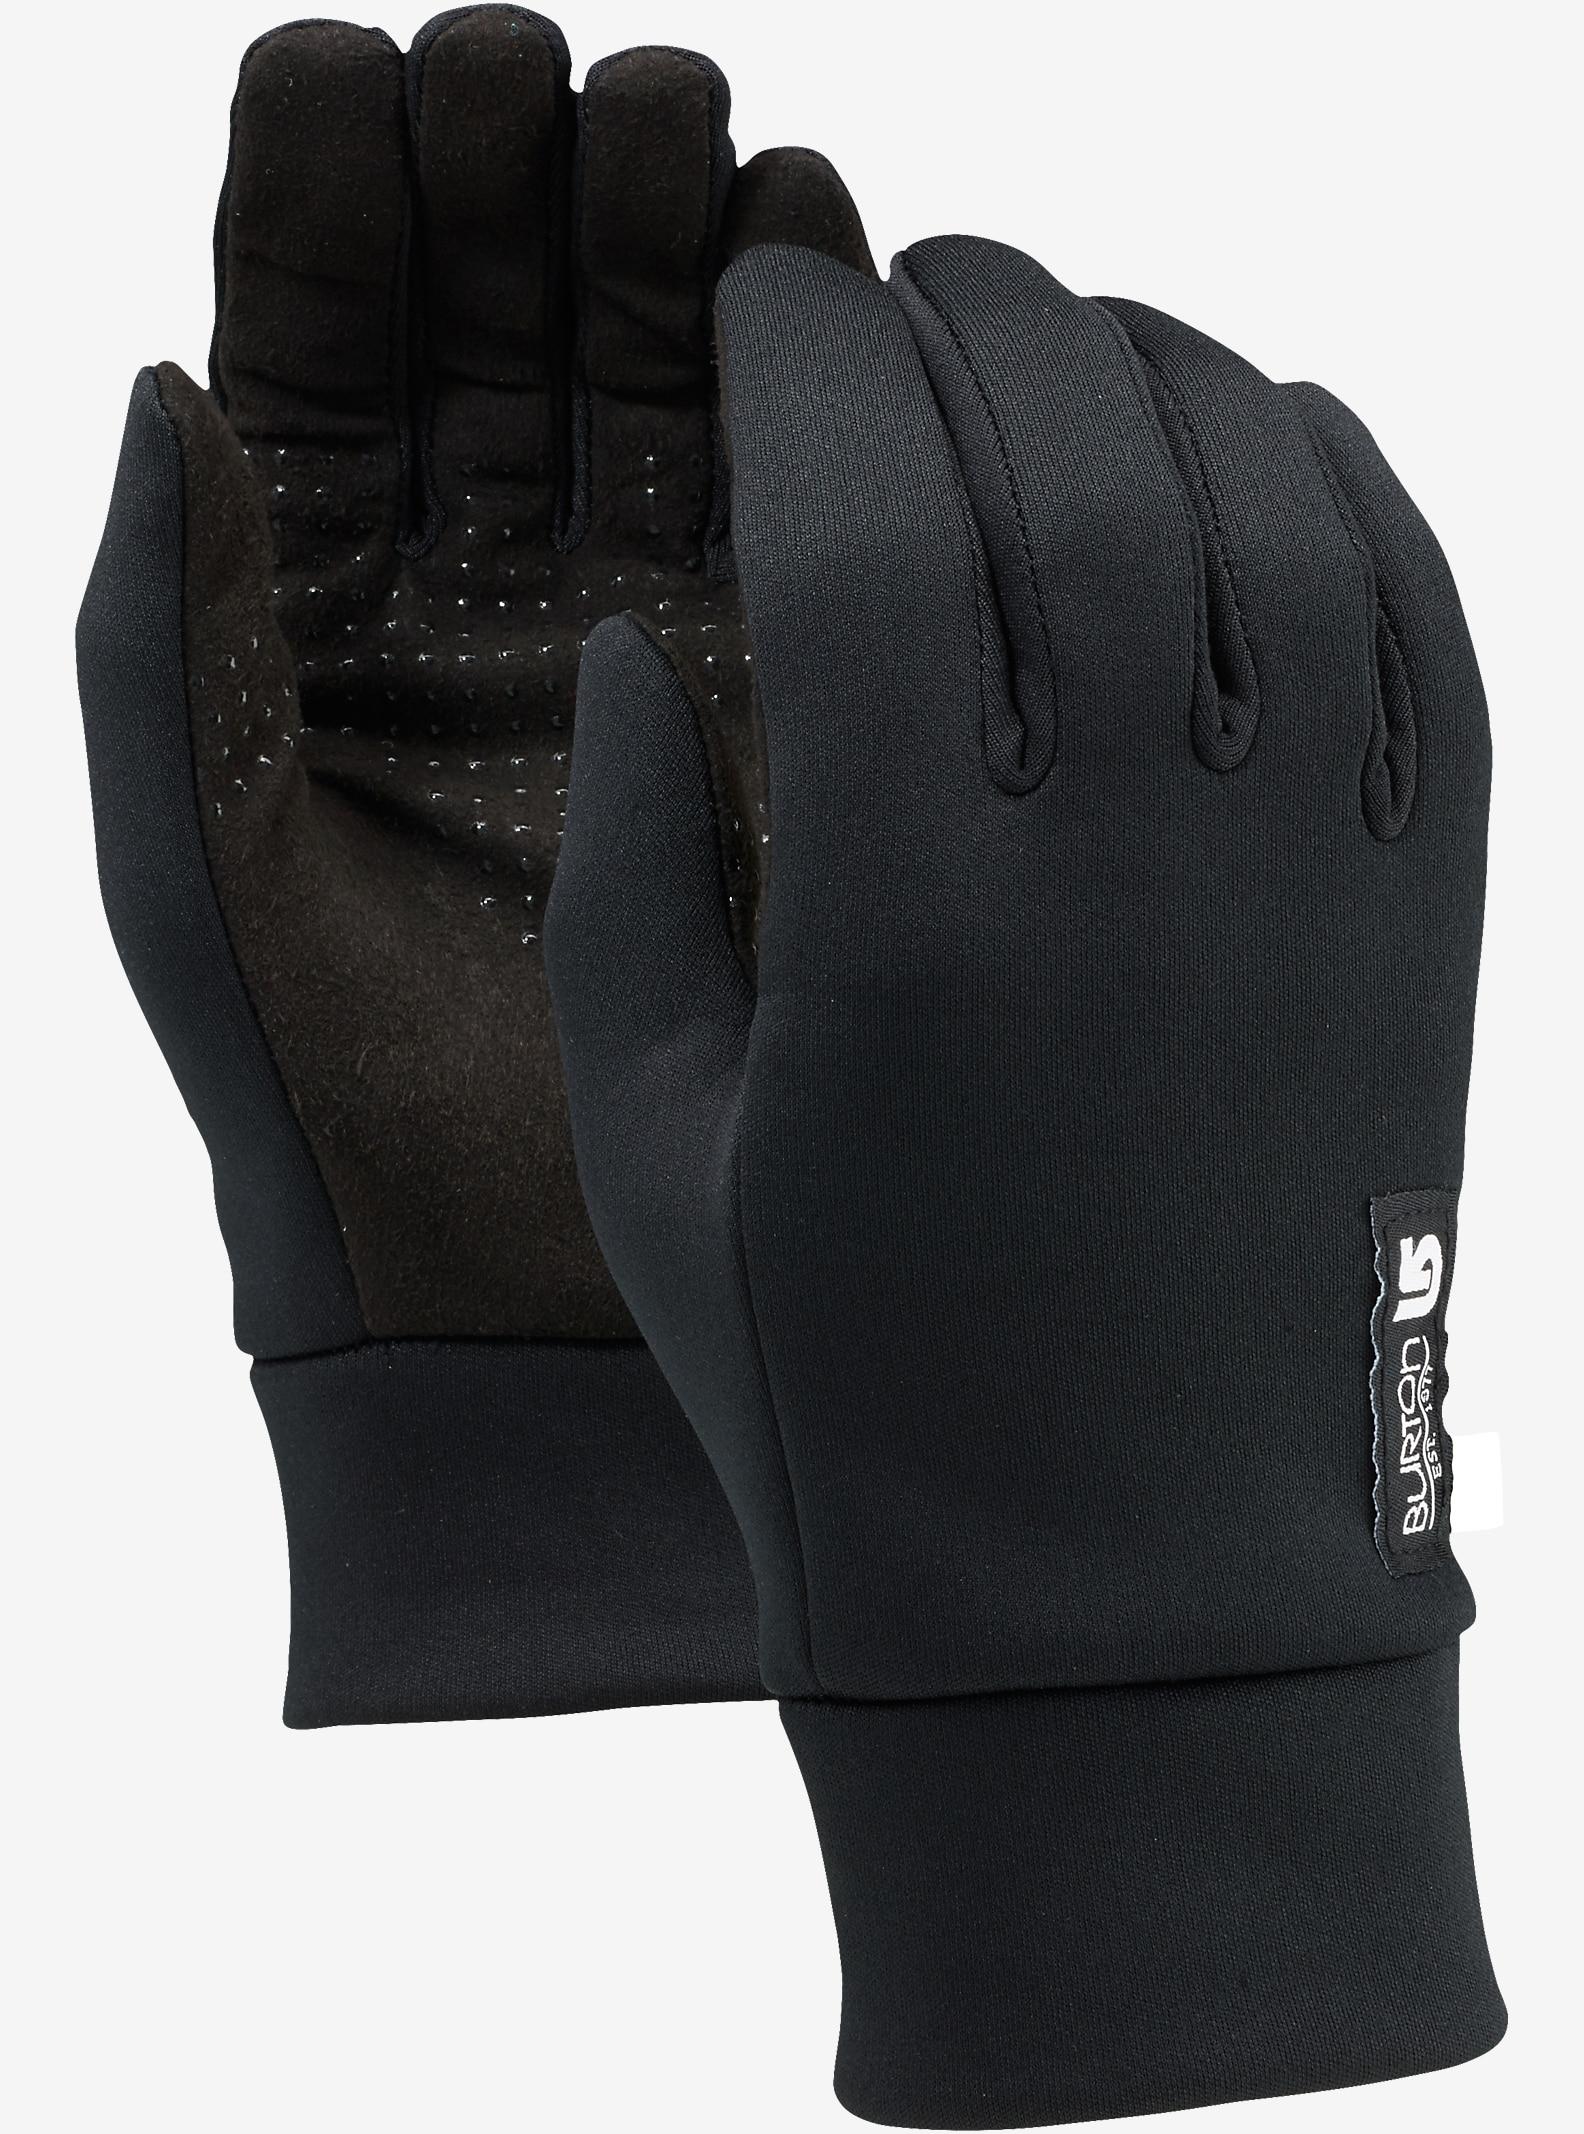 Burton Women's Touch N Go Glove shown in True Black